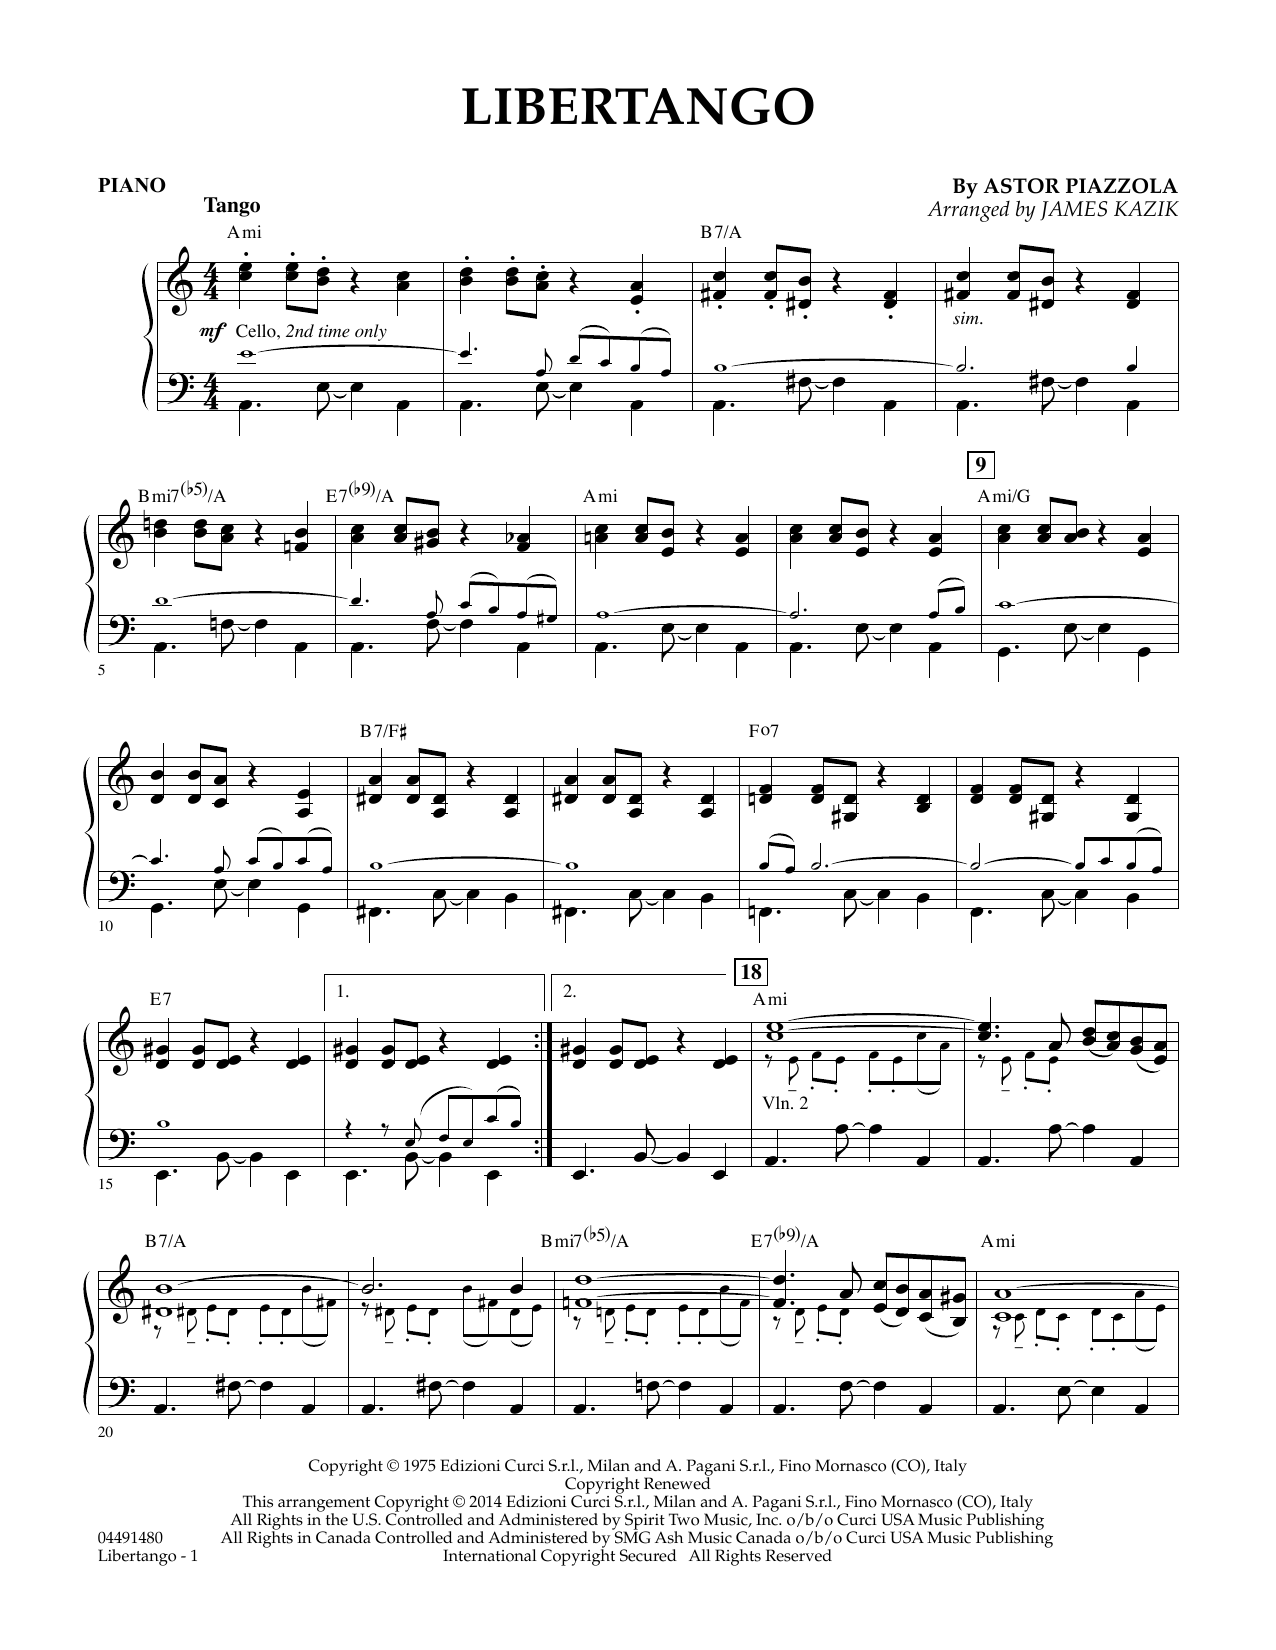 Libertango - Piano by James Kazik Orchestra Digital Sheet Music